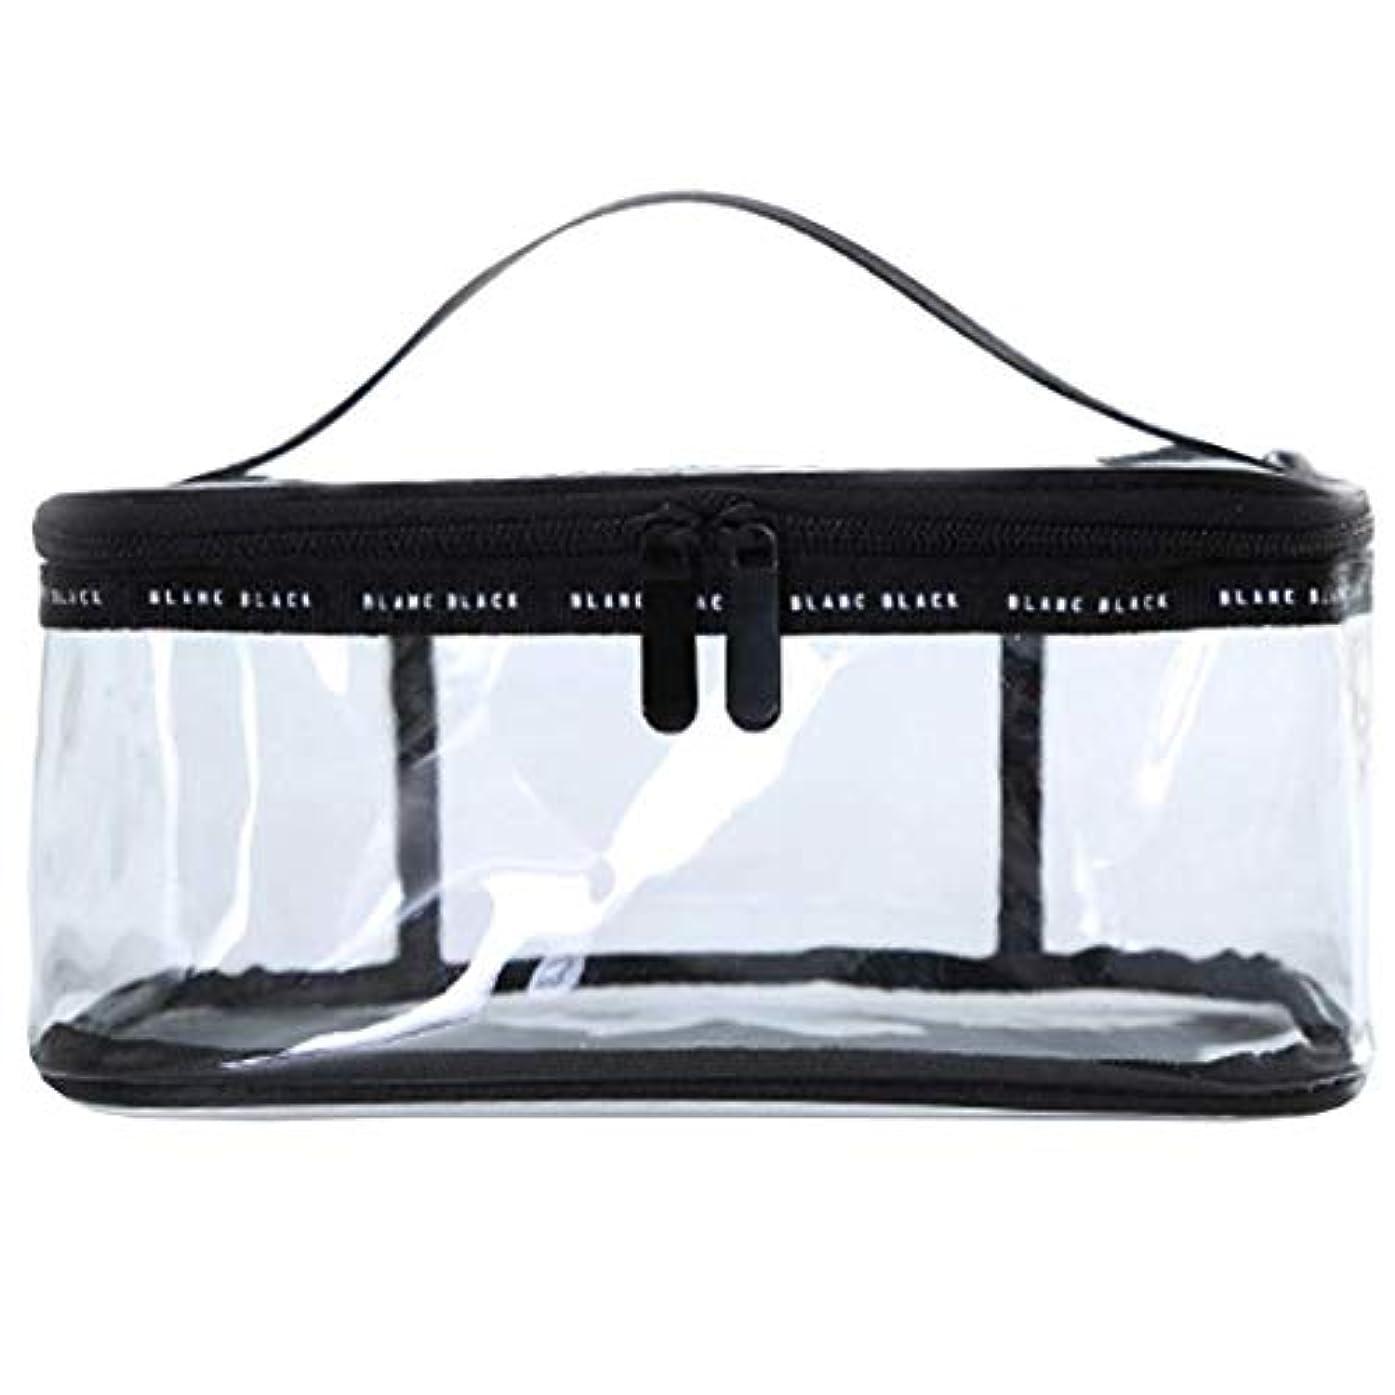 服を洗うリスト写真撮影Rownyeメイクポーチ 大容量 クリアポーチ ブラシ入れ付き 透明ポーチ 黒 透明 旅行 出張 仕切りTPUポーチ 防水的